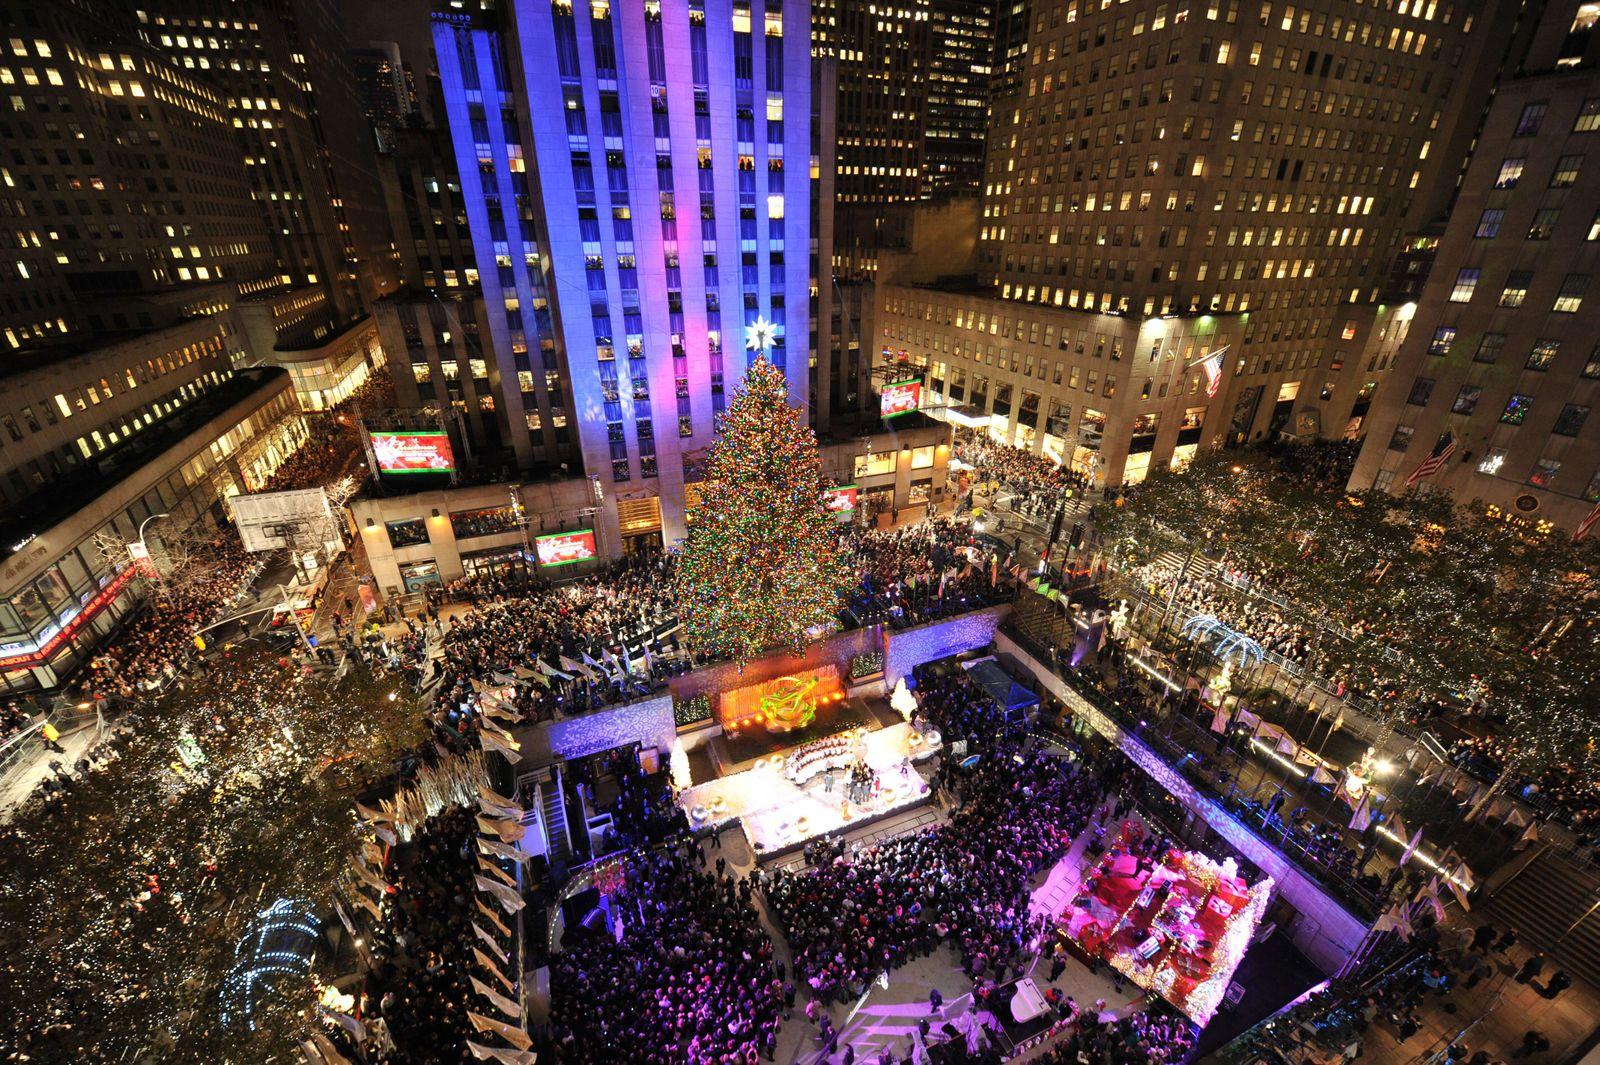 Weihnachtsbaum / Christbaum am Rockefeller Center / Weihnachsbeleuchtung / New York